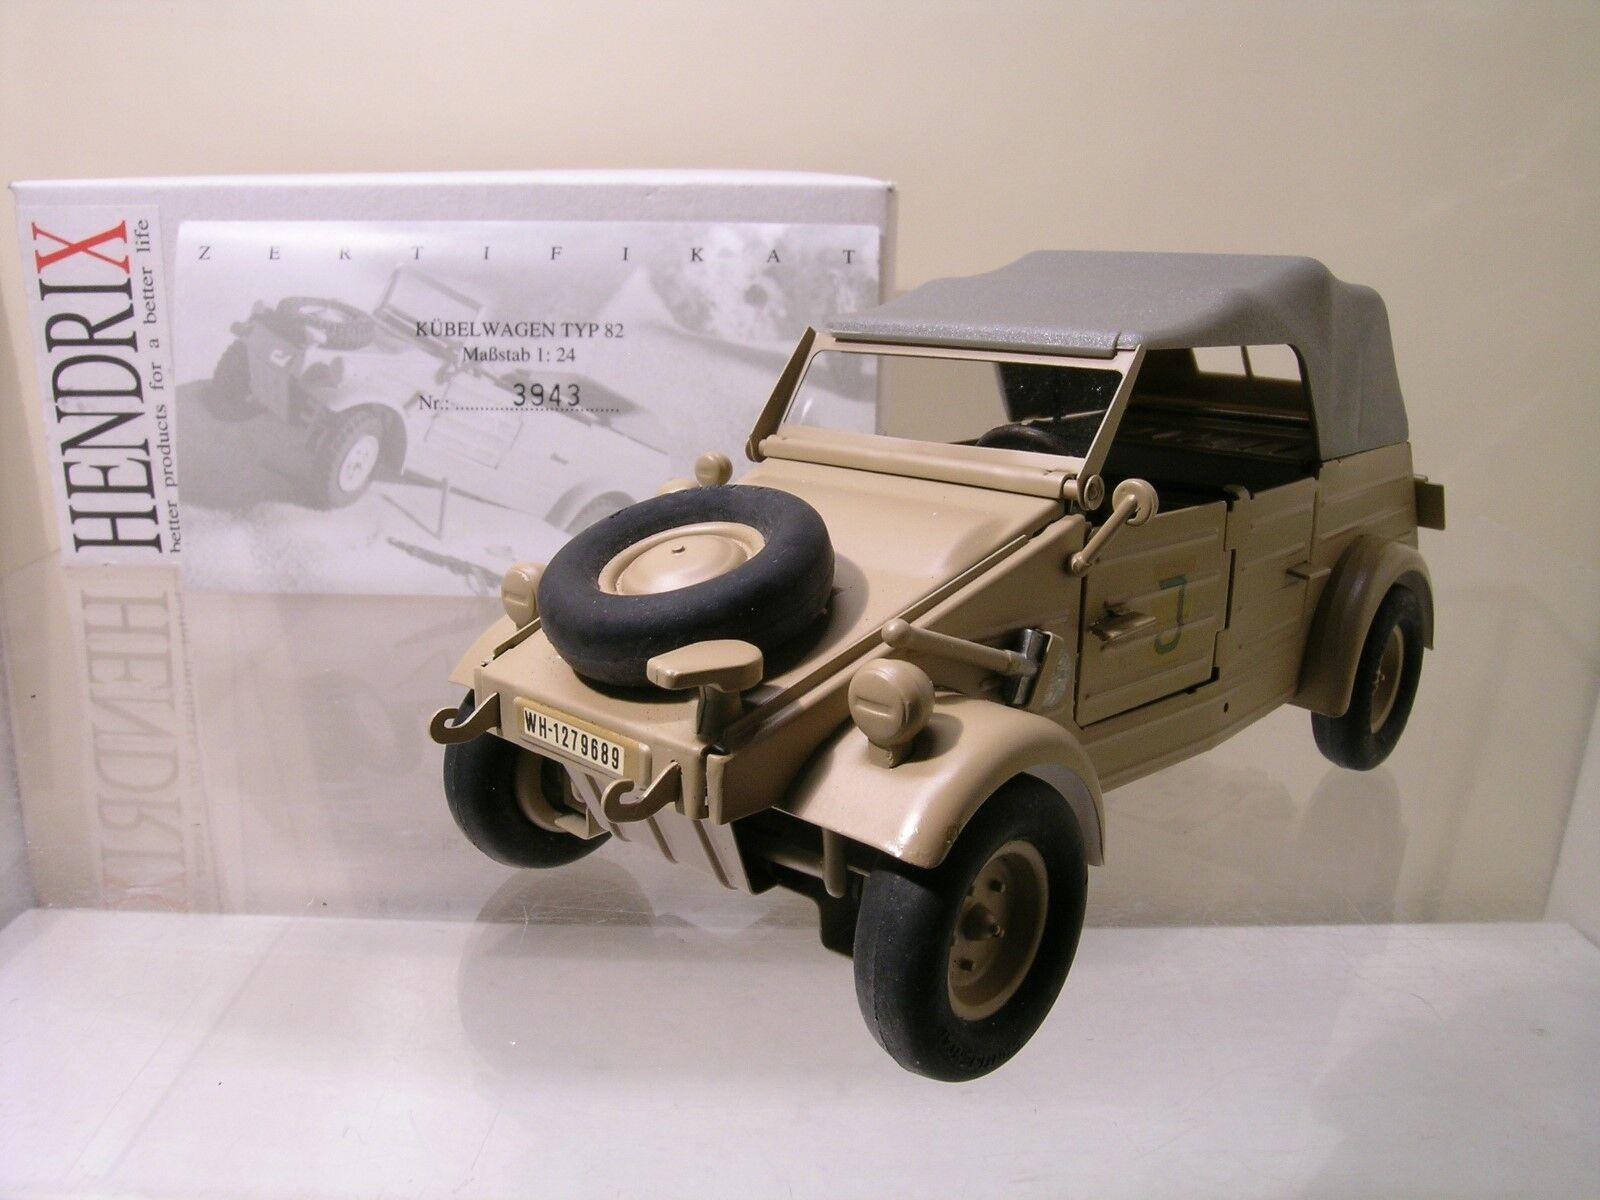 HENDRIX VW VOLKSWAGEN TYPE 82 KÜBELWAGEN+TOP 1940 SAHARA CERT.3943 BOXED 1:24